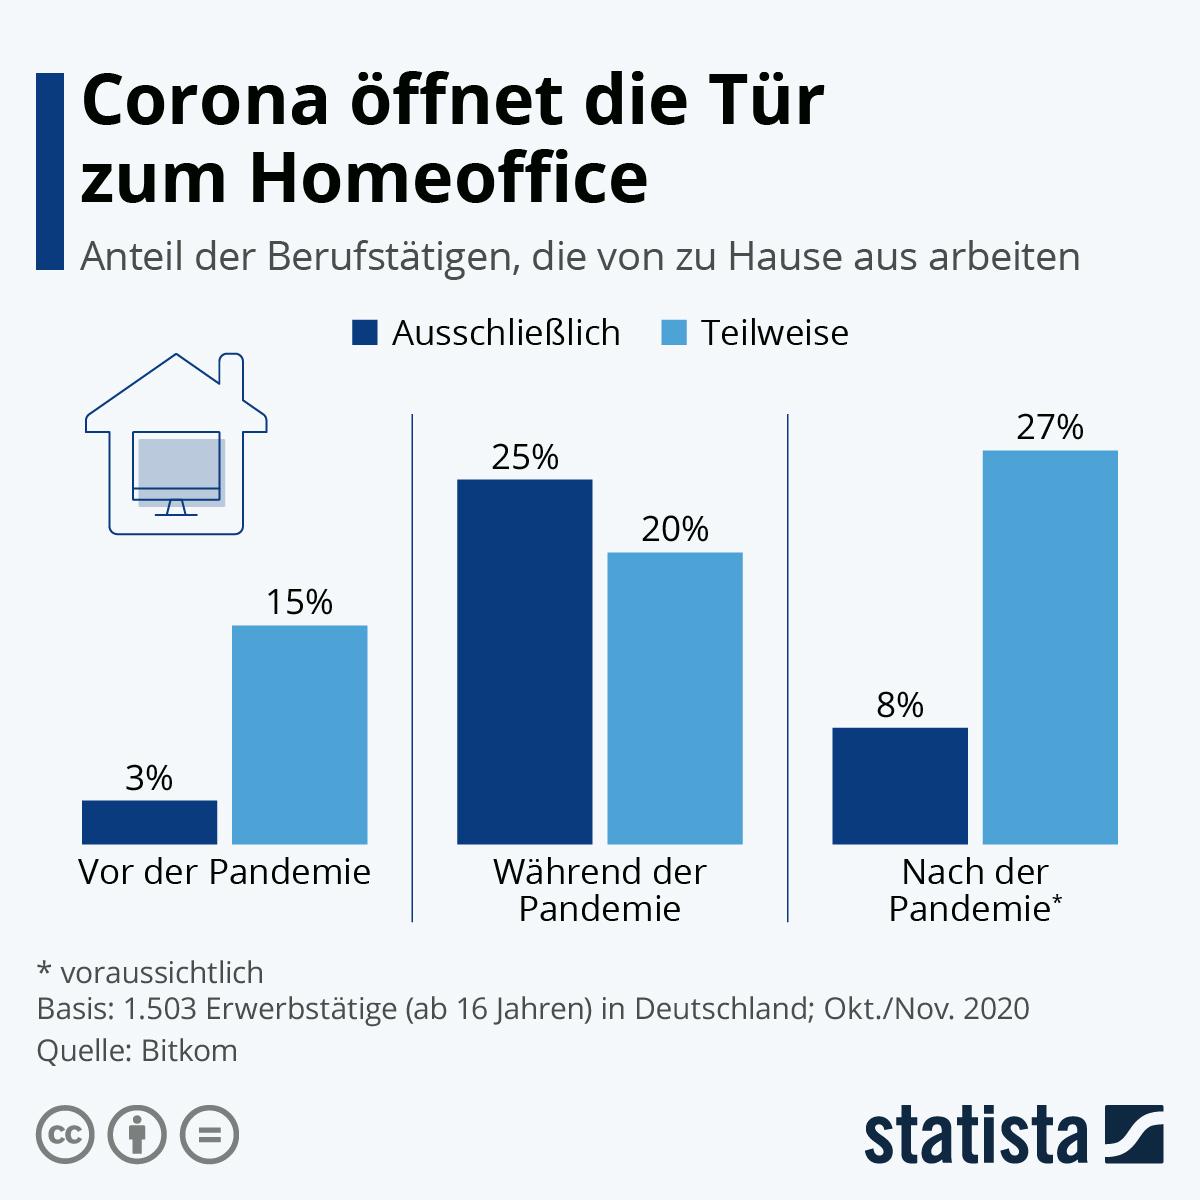 Infografik: Corona öffnet die Tür zum Homeoffice | Statista